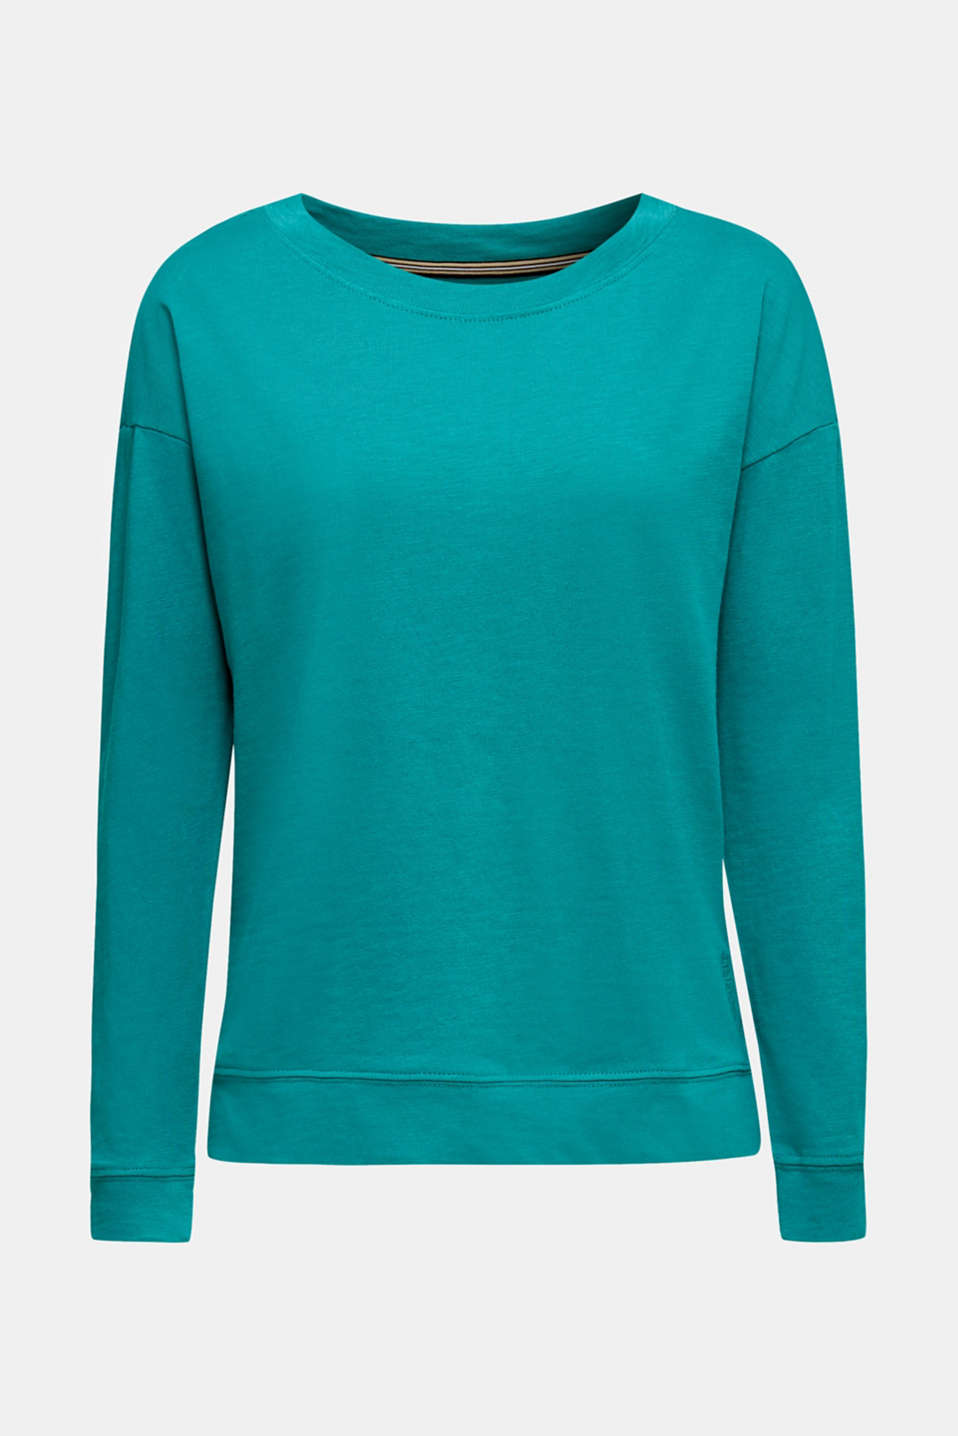 Slub sweatshirt made of 100% organic cotton, TEAL GREEN, detail image number 5